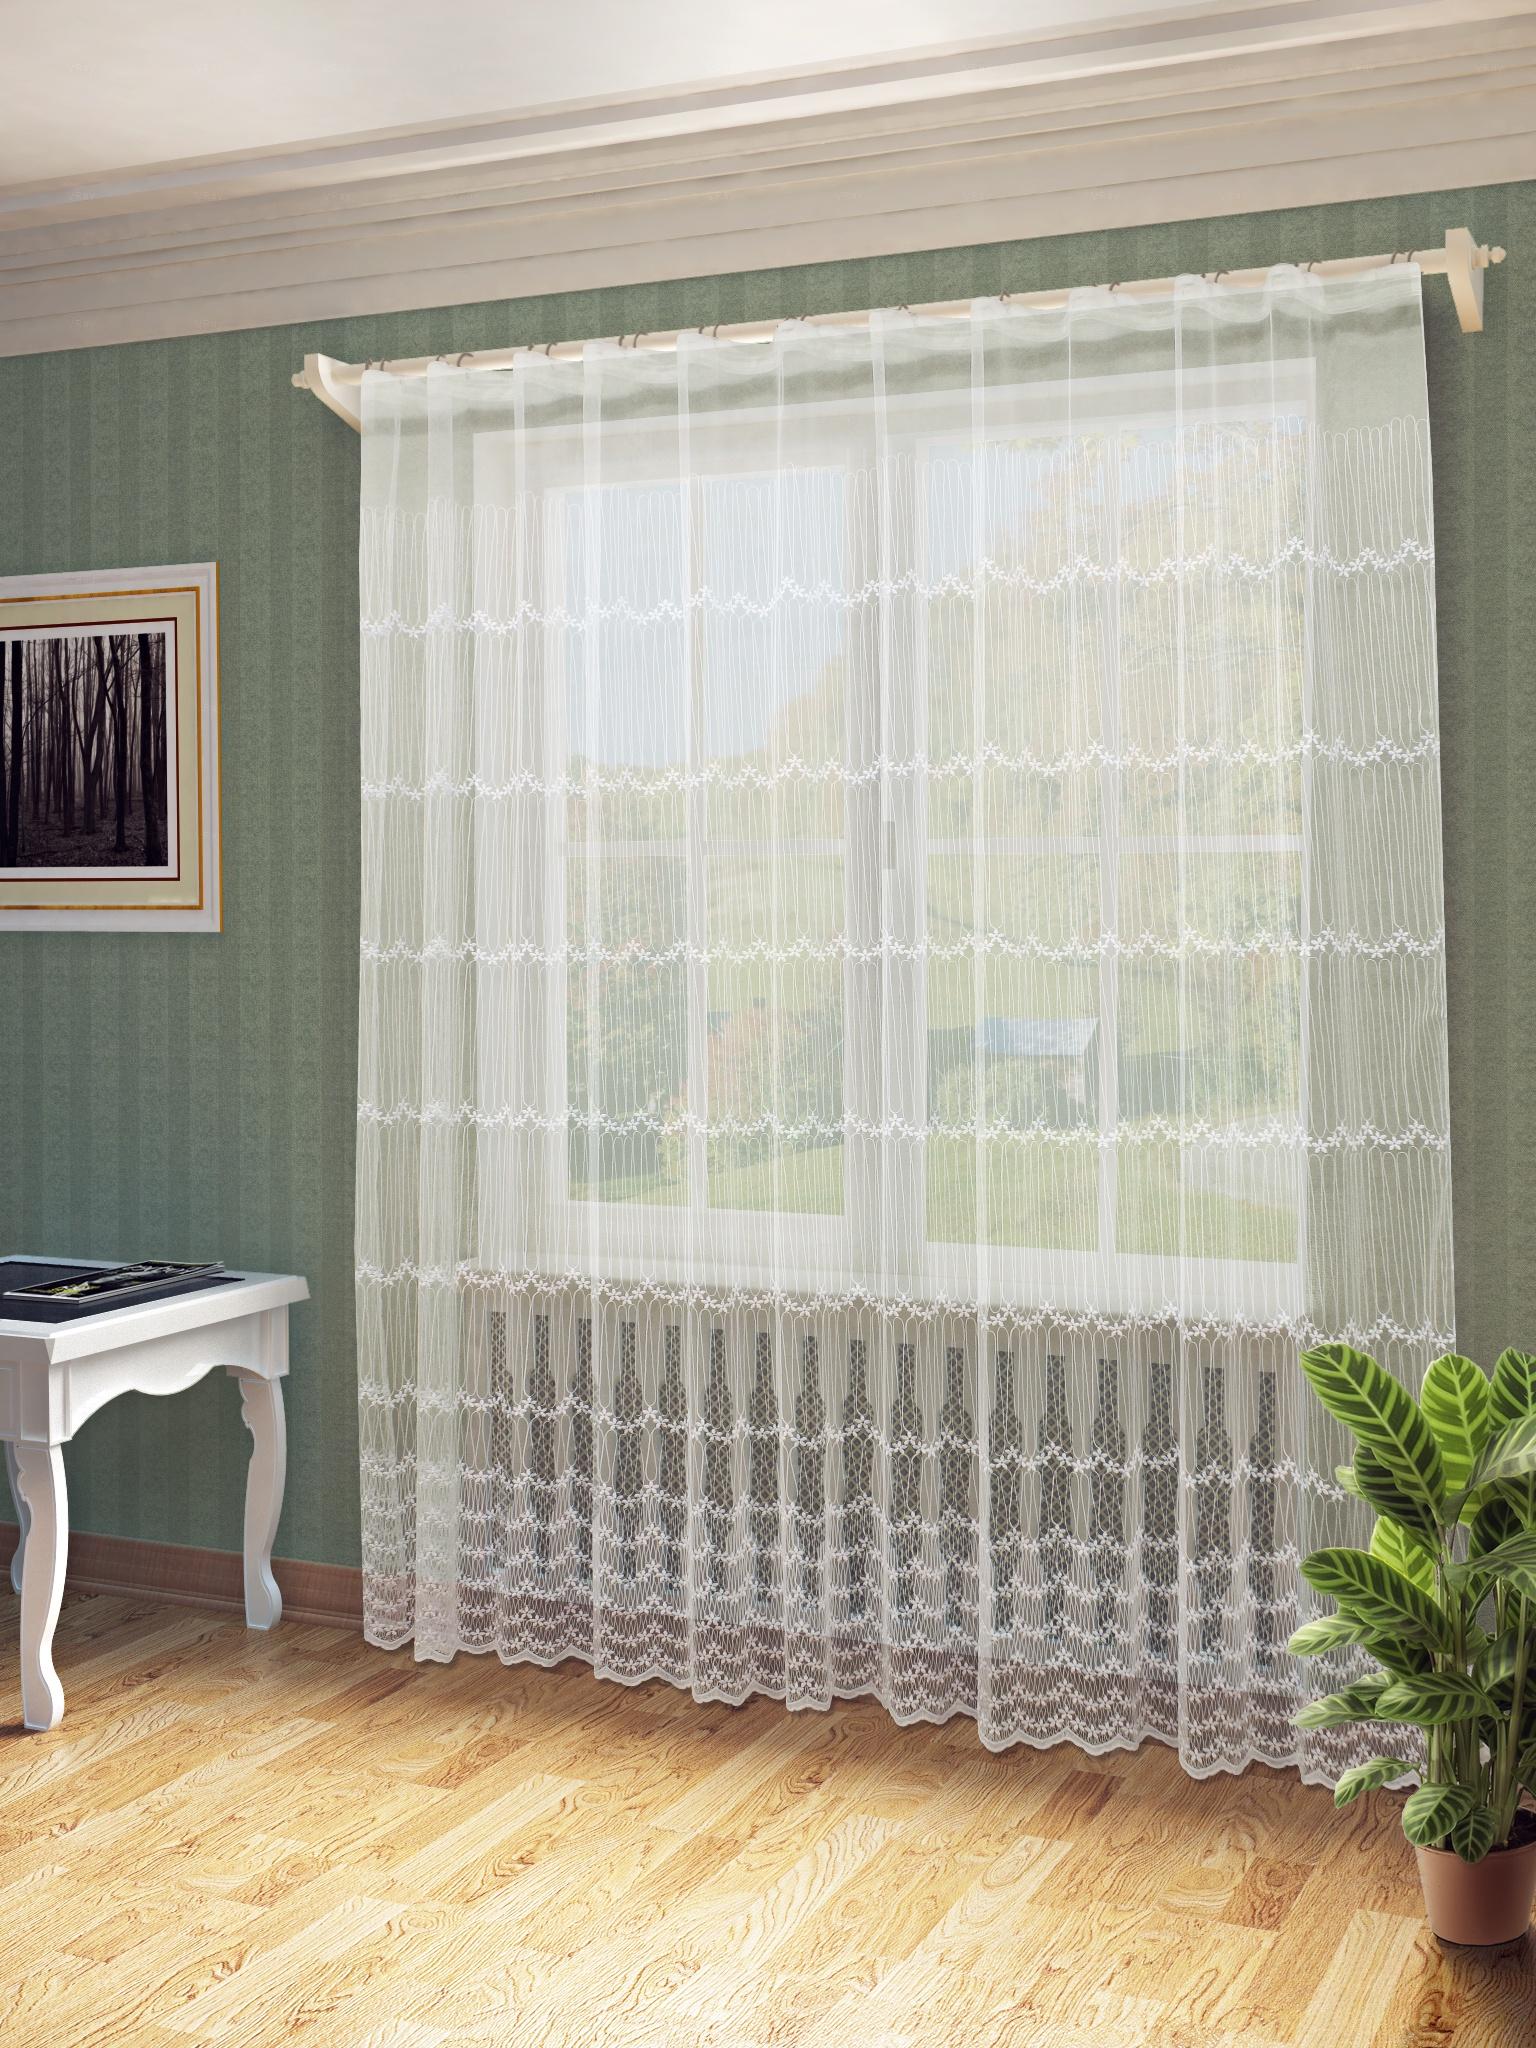 Тюль Sanpa Home Collection Мелиса, HP130433/3/1E Мелиса, белый, белыйЮ (300*260) тюль sanpa тюль мелиса белый 300 260 см